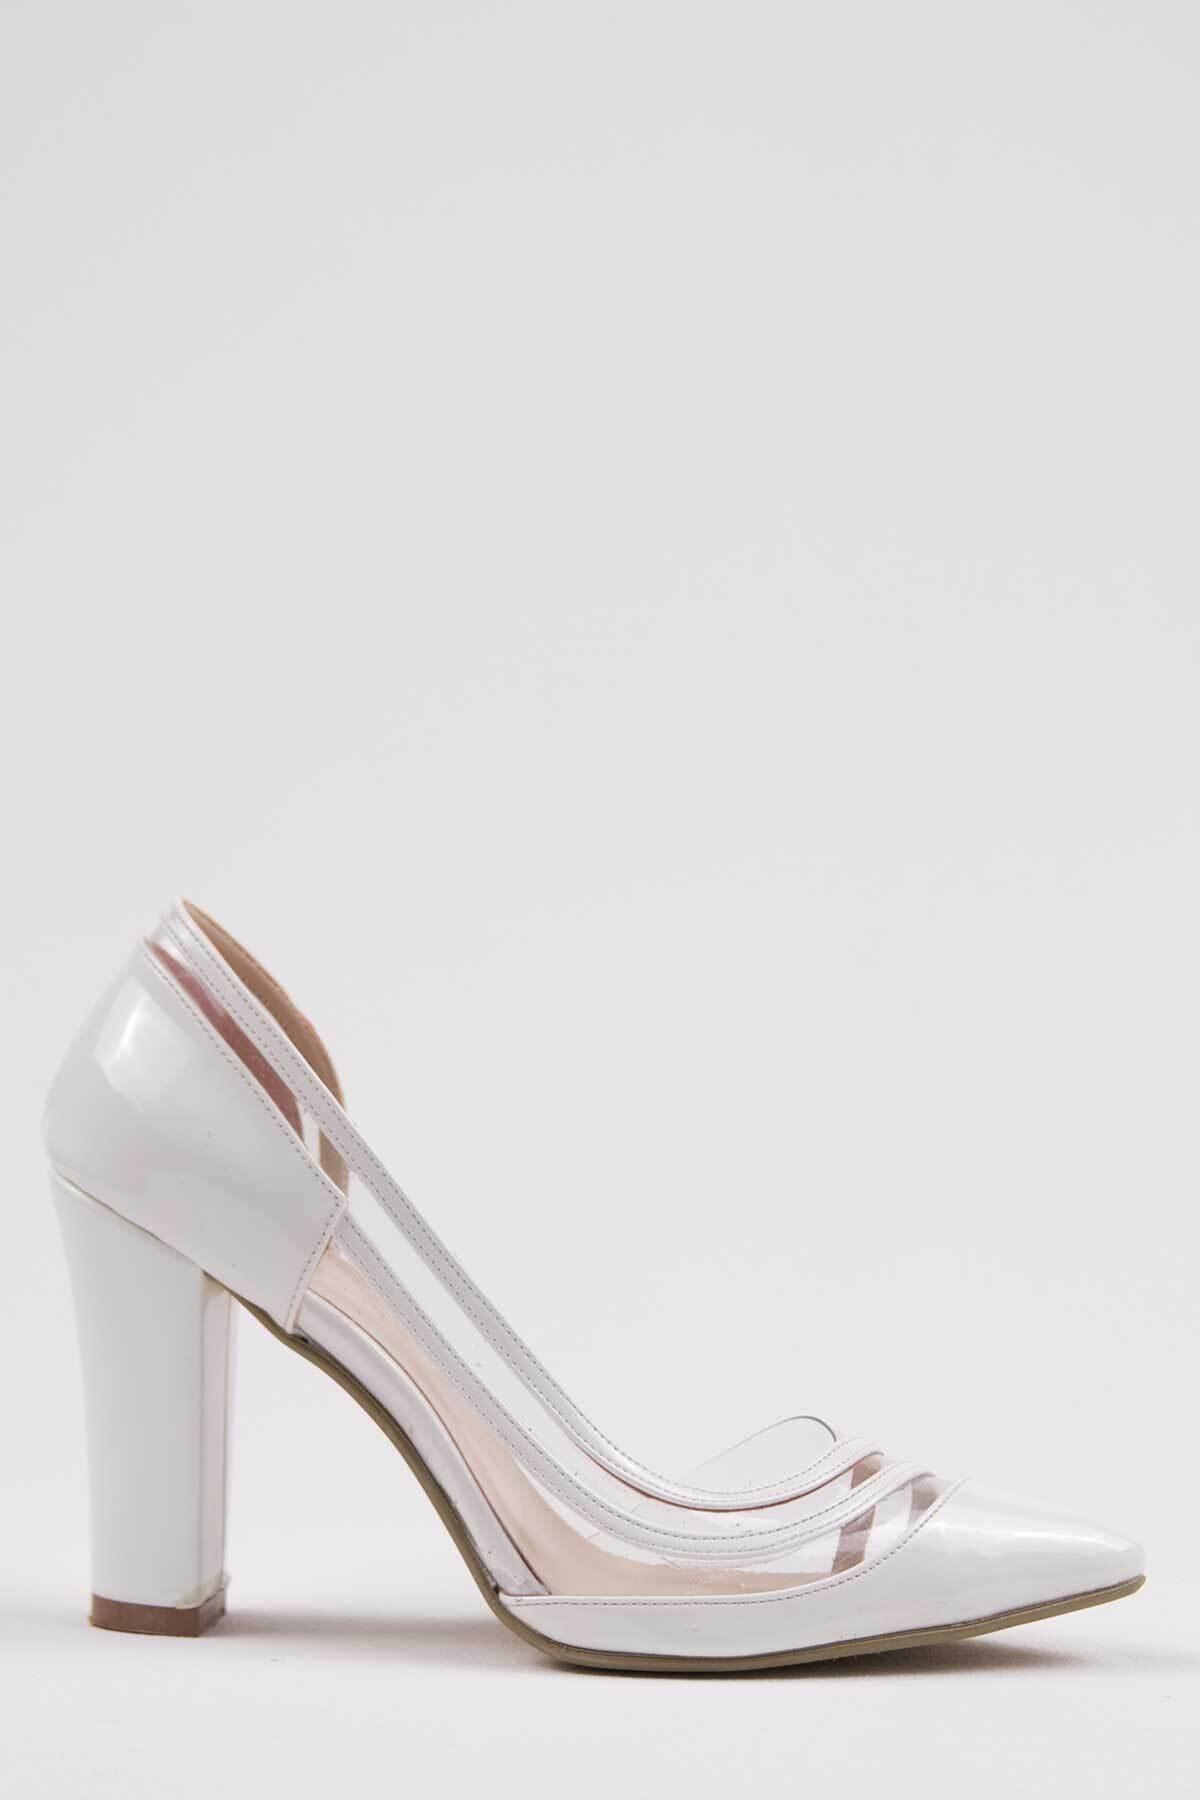 Oioi Beyaz Kadın Topuklu Ayakkabı 1010-119-0001_1003 1